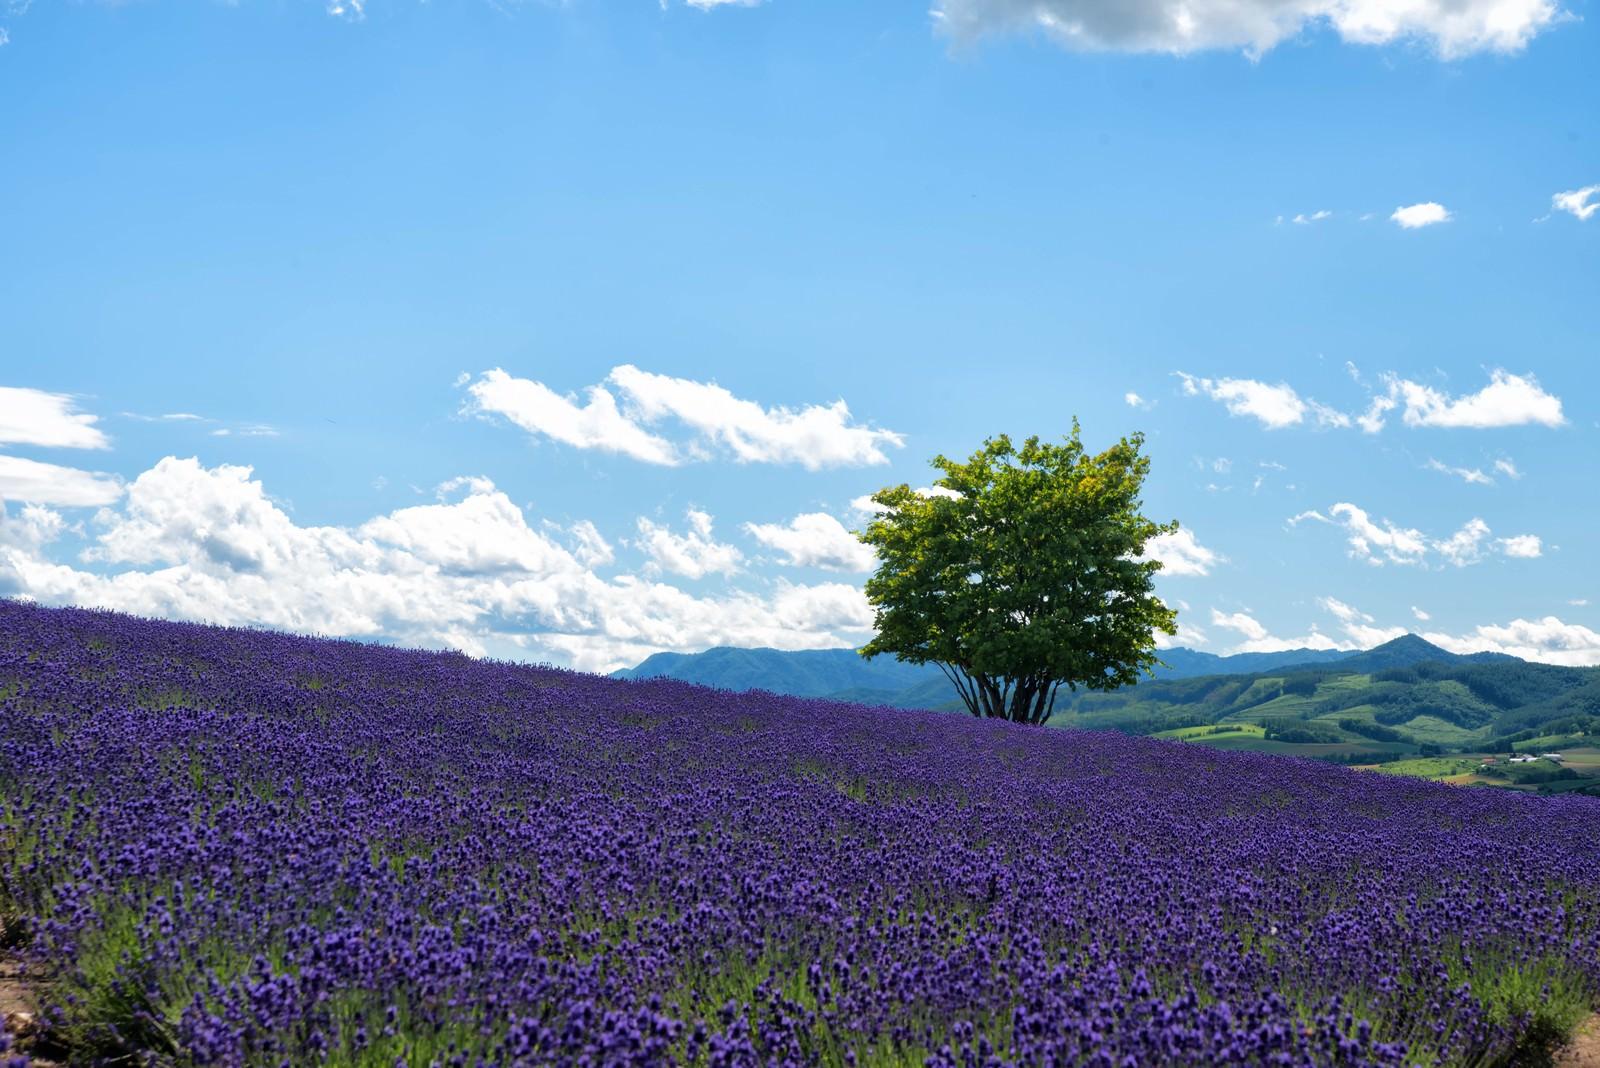 「ラベンダー畑と一本の木」の写真